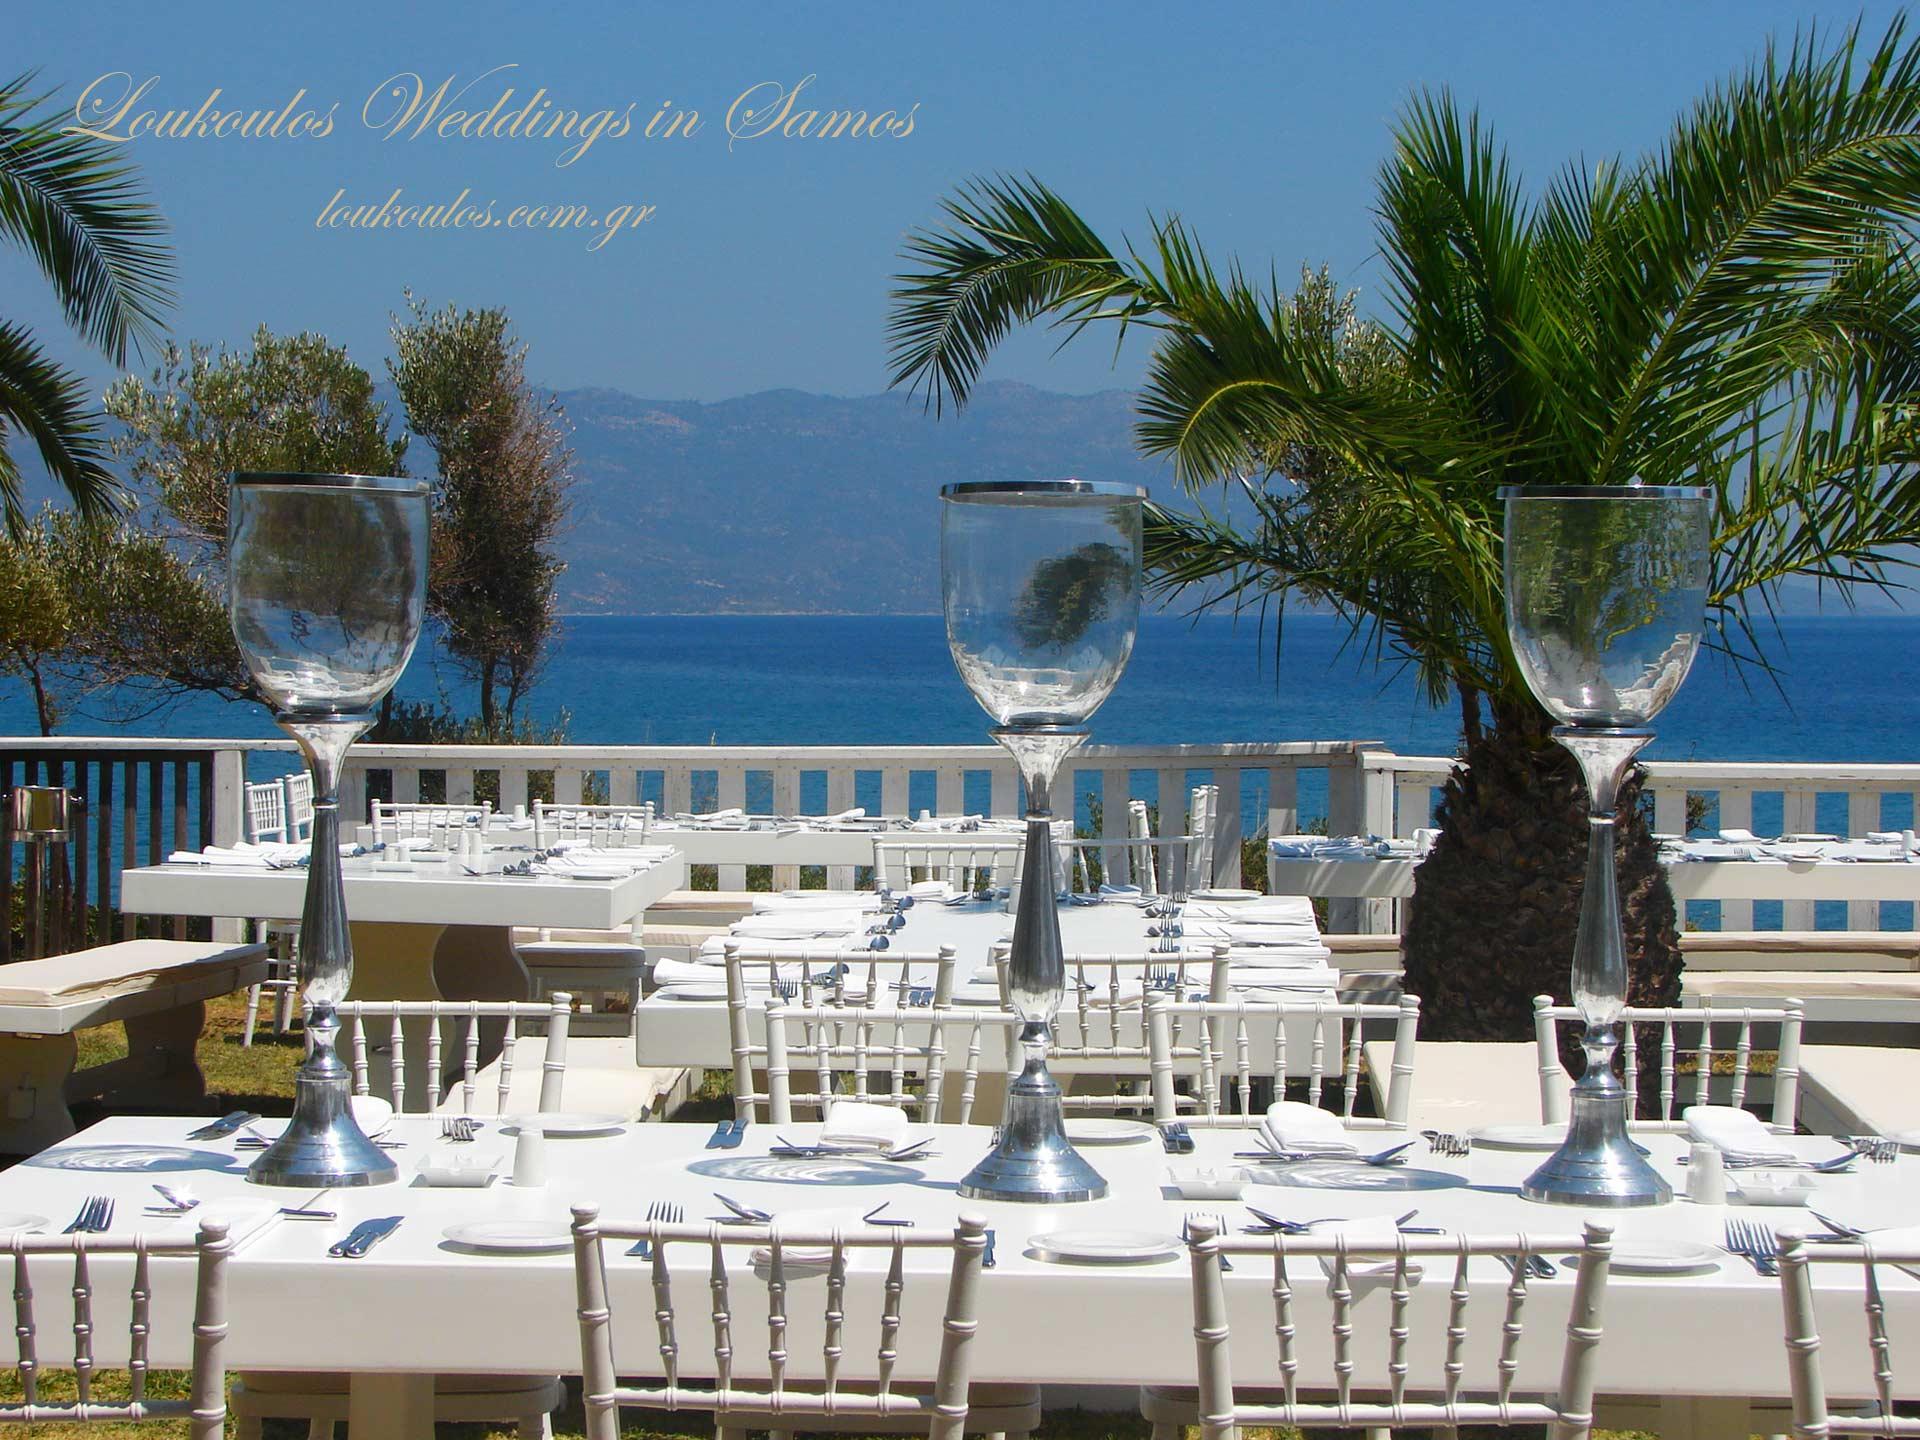 Hochzeit in Griechenland Insel Samos www.wedding-vienna.com